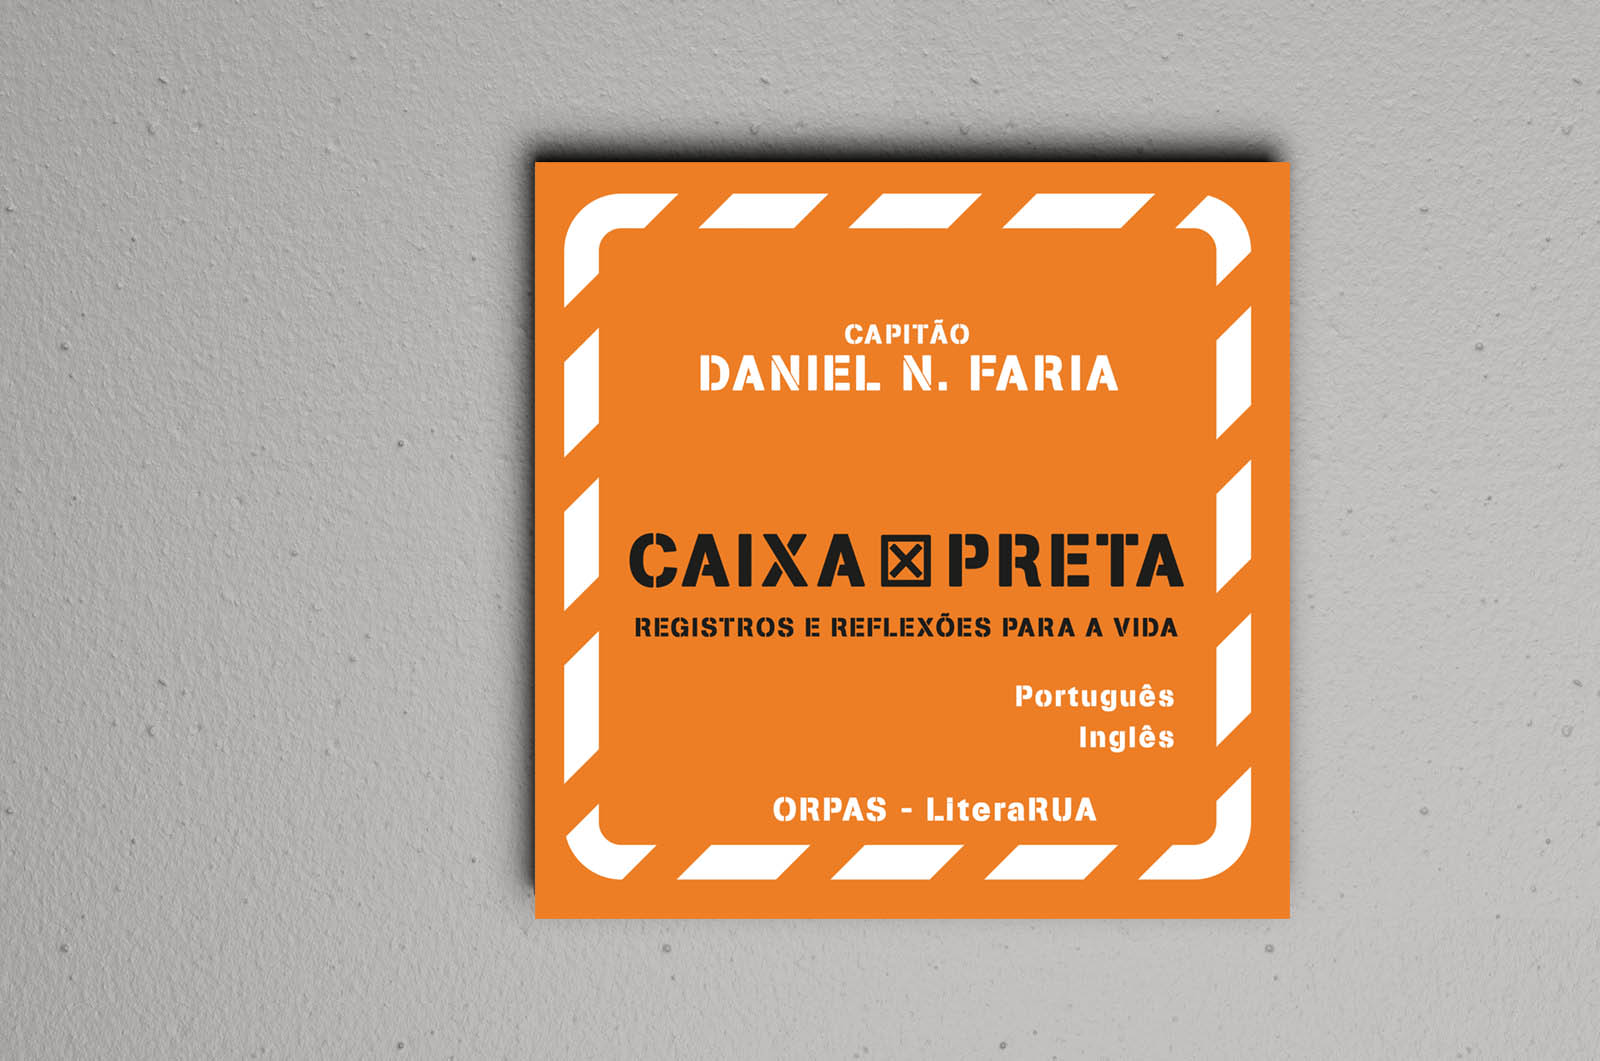 Caixa Preta - Registos e Reflexões para a Vida - Daniel N. Faria  - LiteraRUA